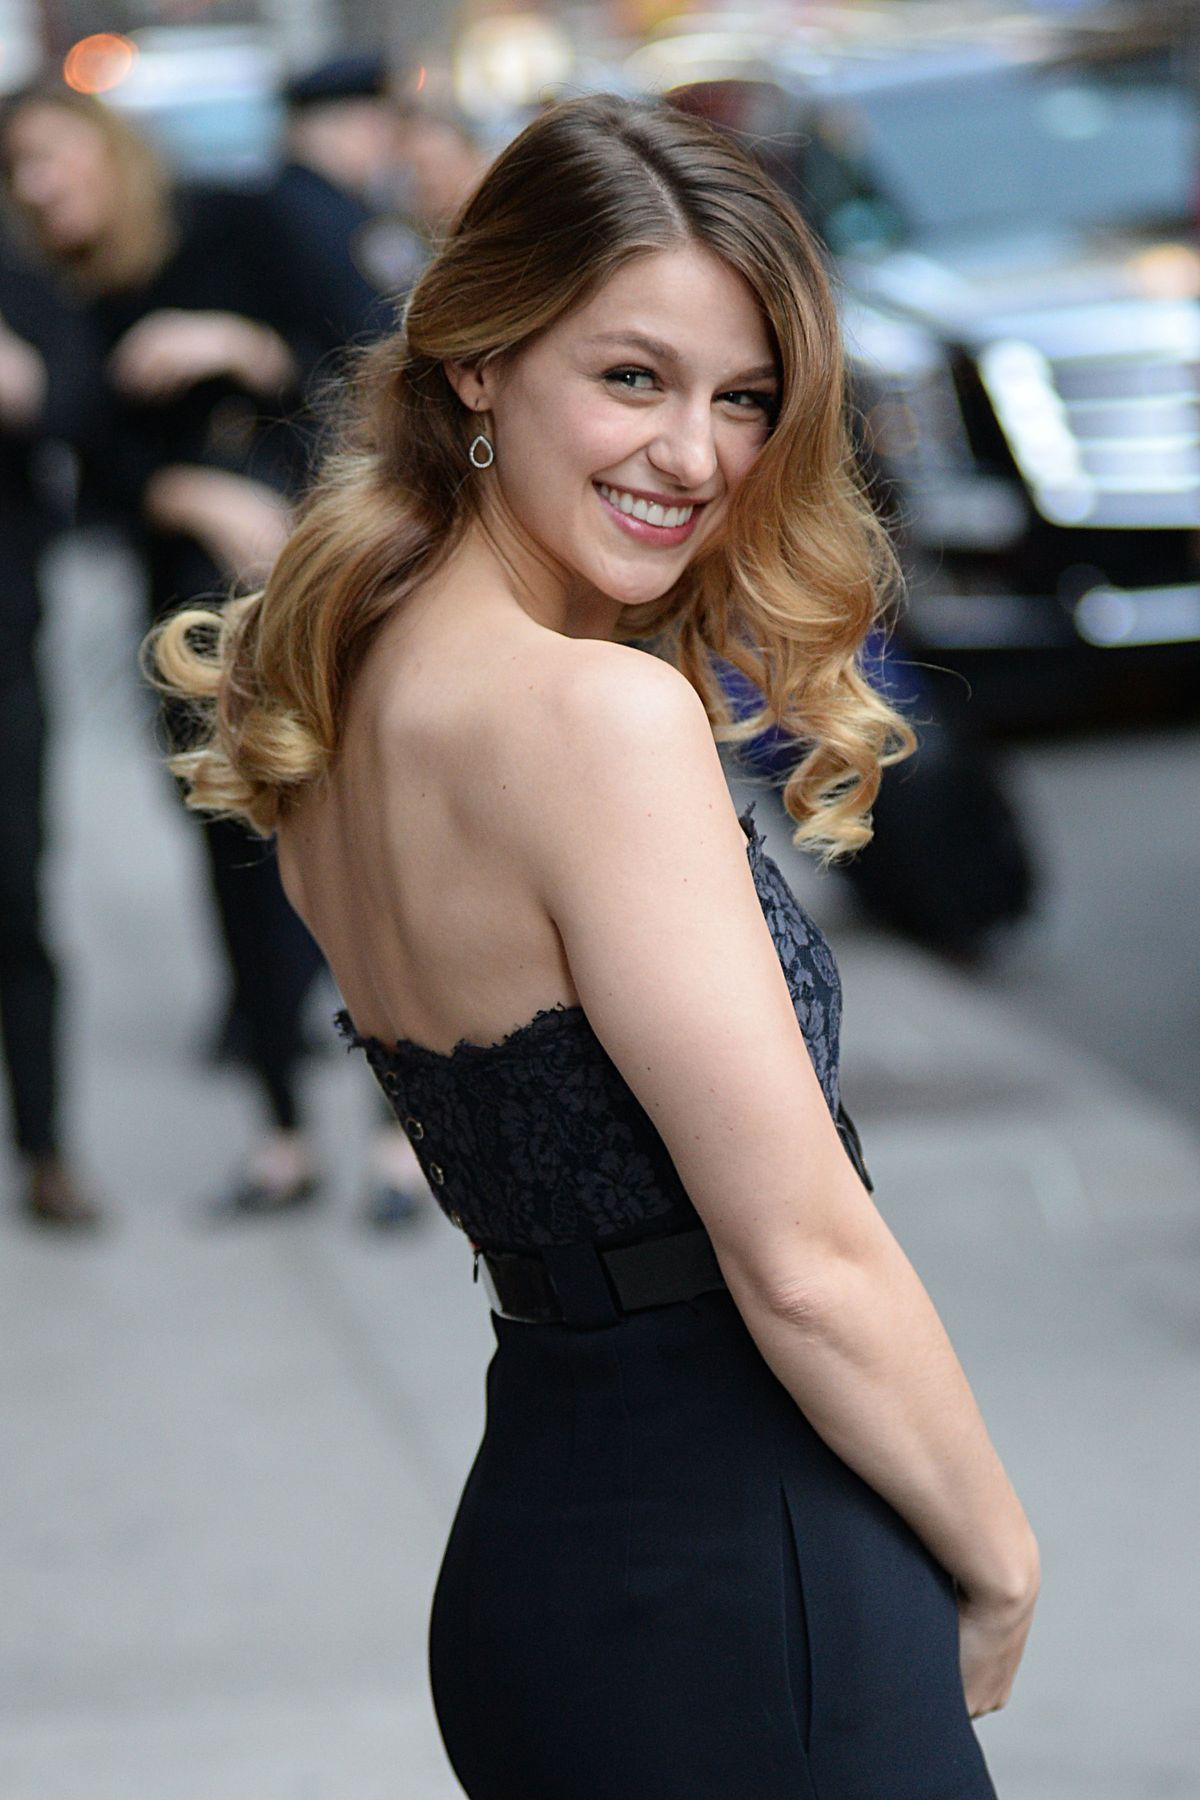 Sasha Celine and